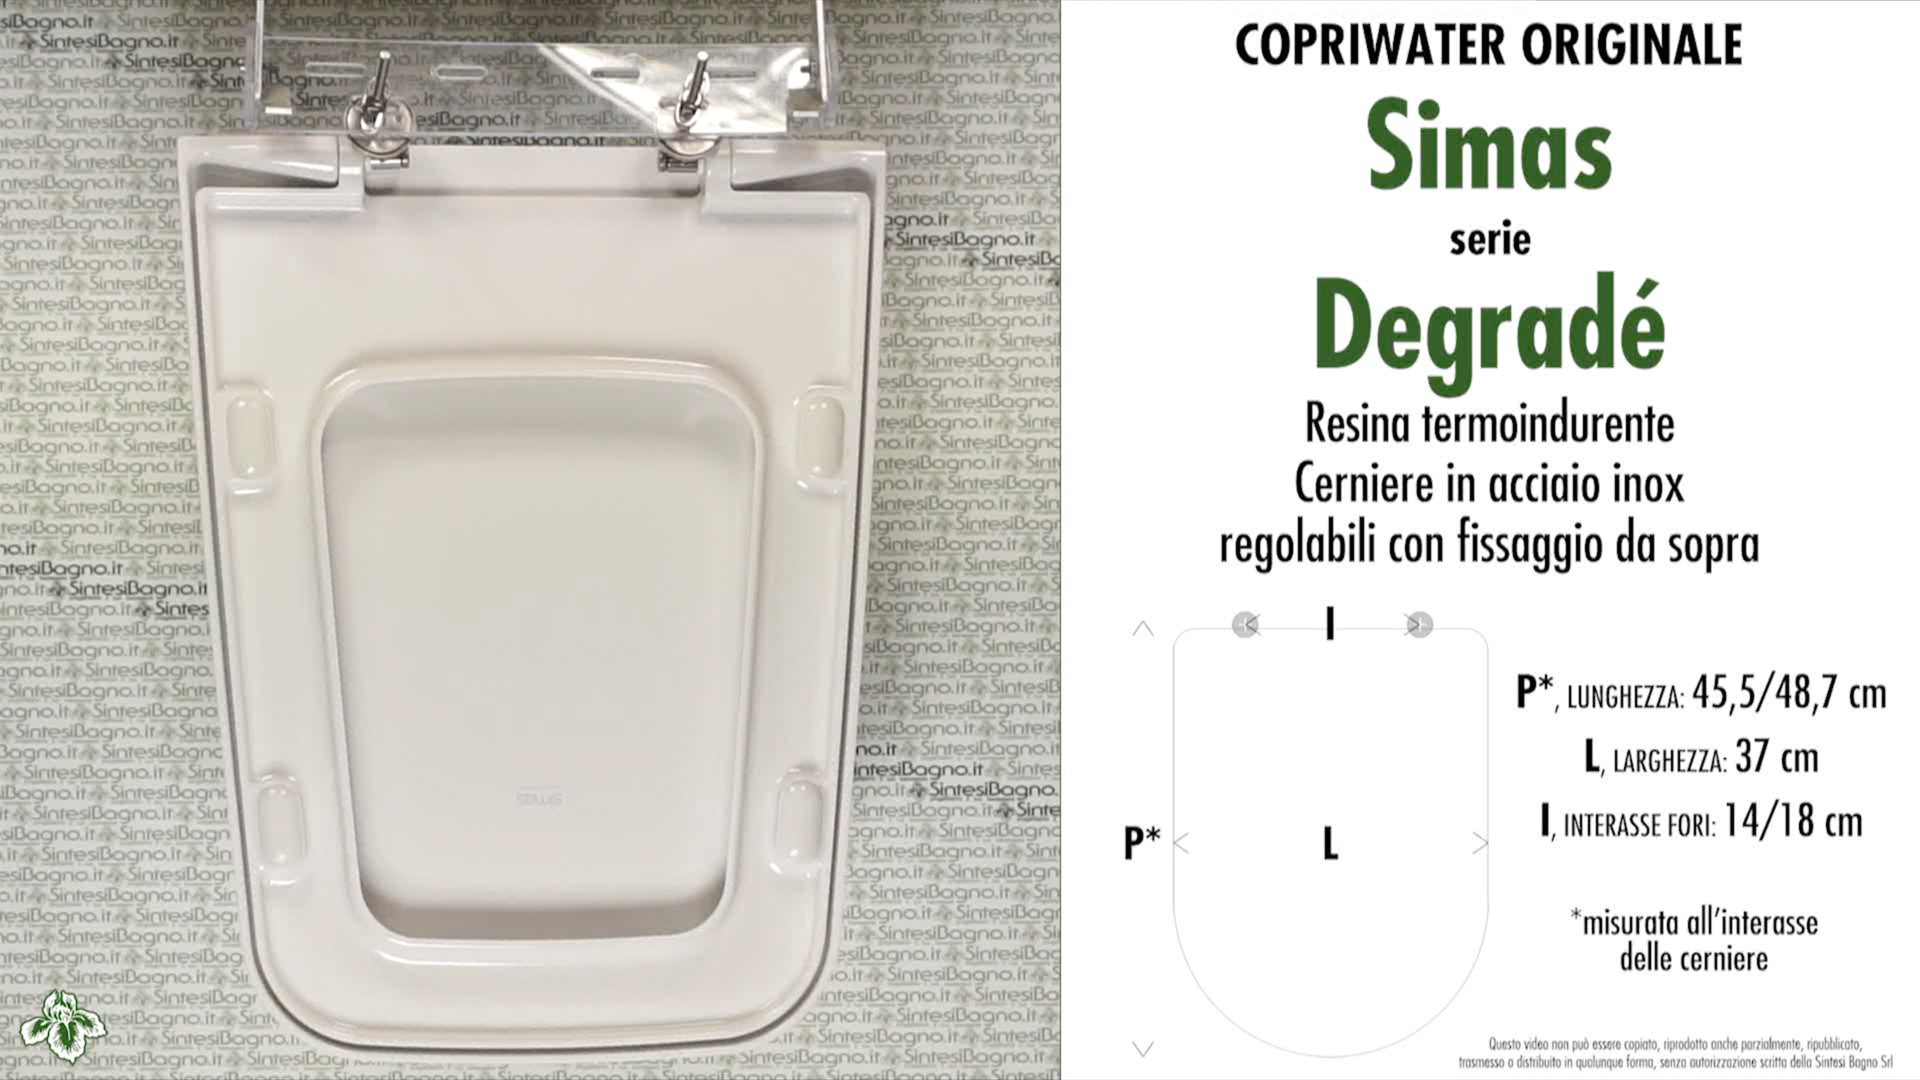 SCHEDA TECNICA MISURE copriwater SIMAS DEGRADE'